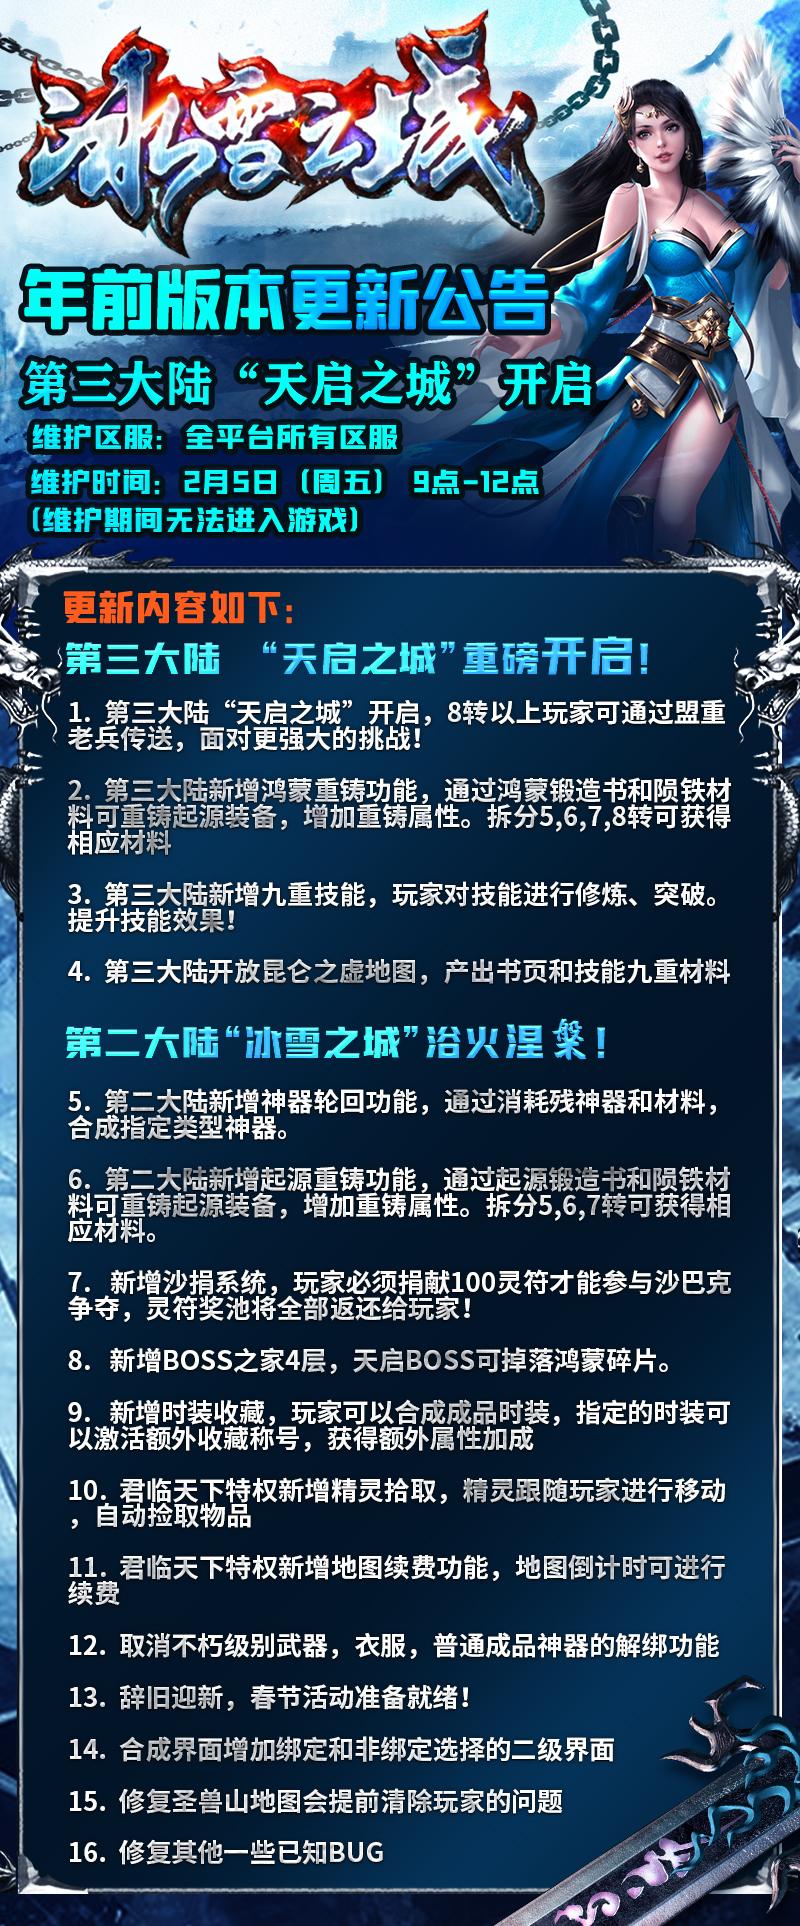 冰雪之城更新公告.jpg